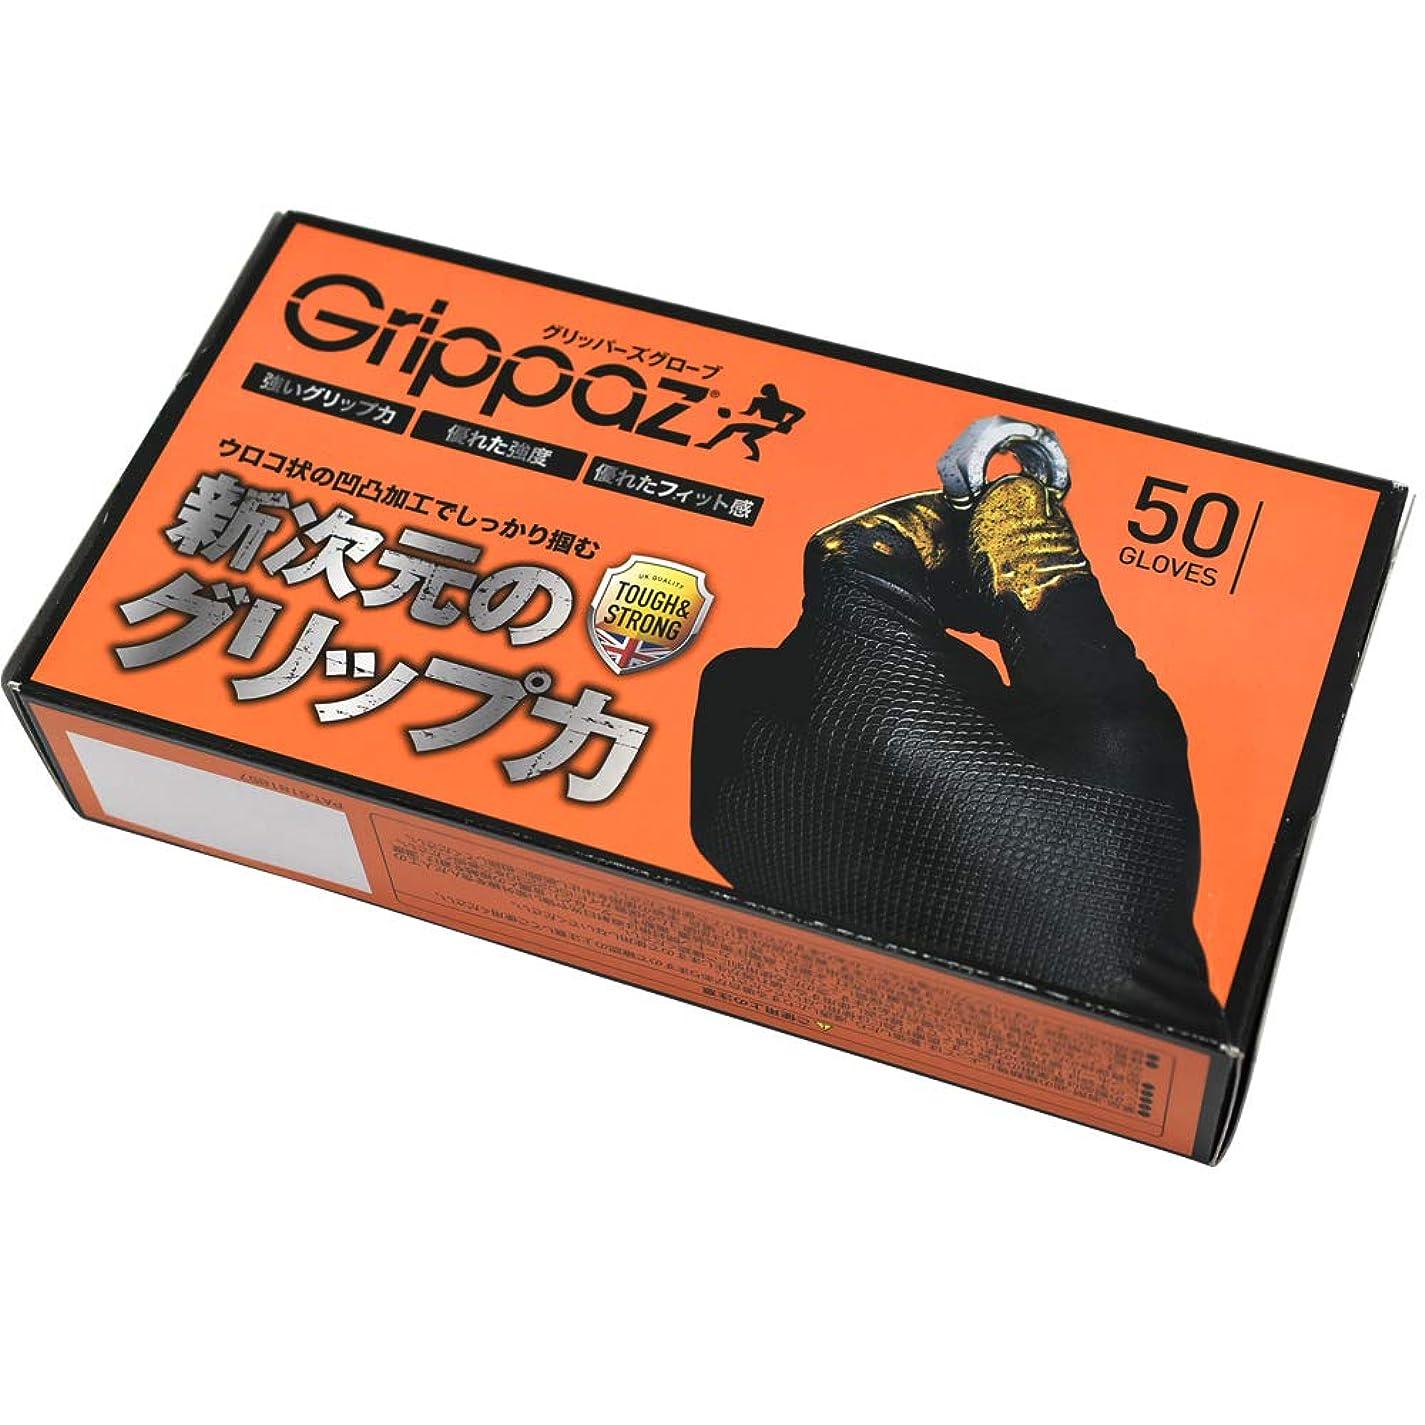 広まったネットミシン原田産業 ニトリル手袋 グリッパーズグローブ 50枚入 XLサイズ パウダーフリー 左右兼用 自動車整備 メンテナンス